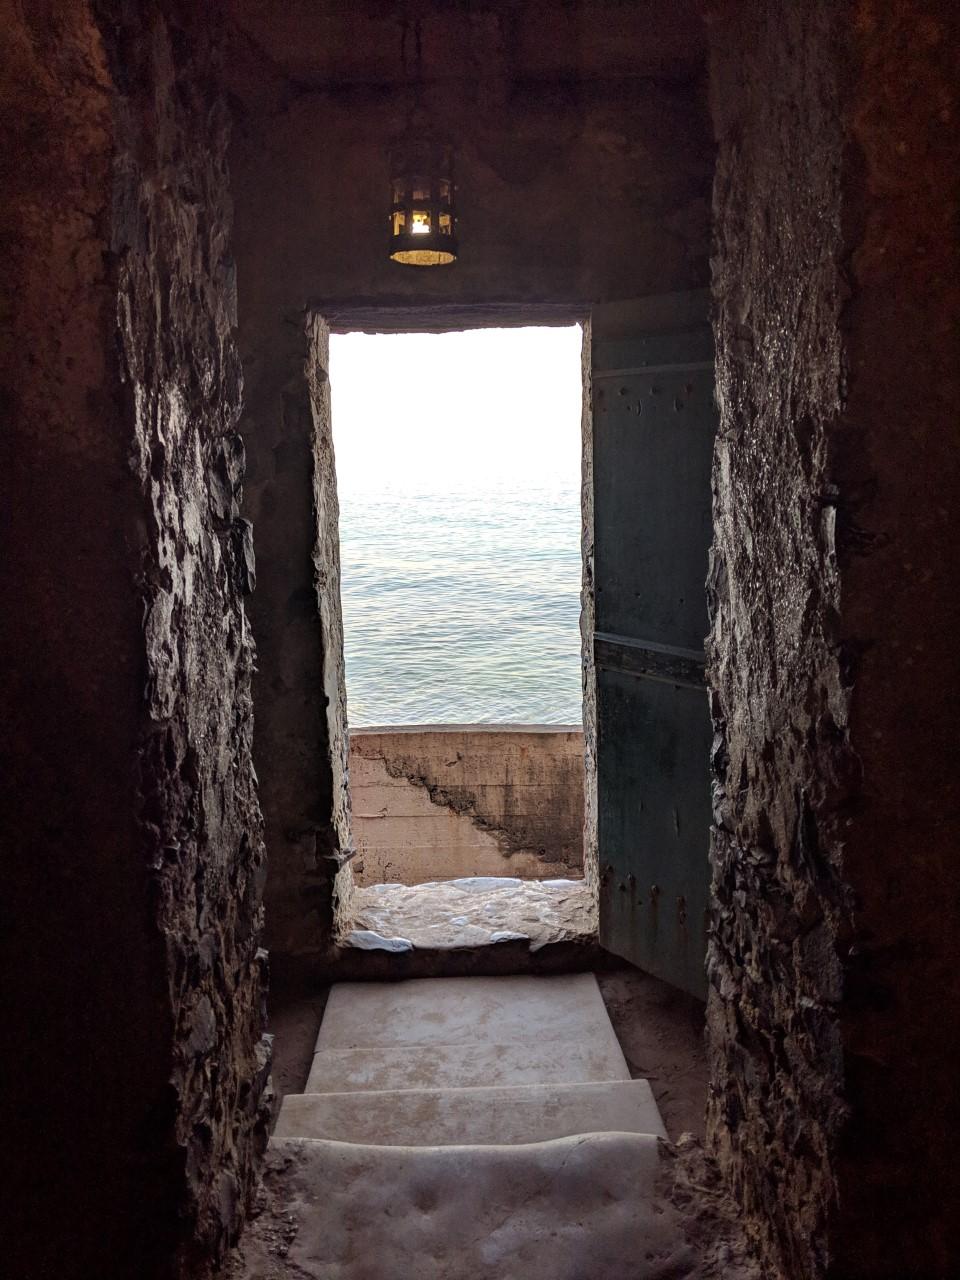 senegal4 - Follow Me On My Trip To Senegal